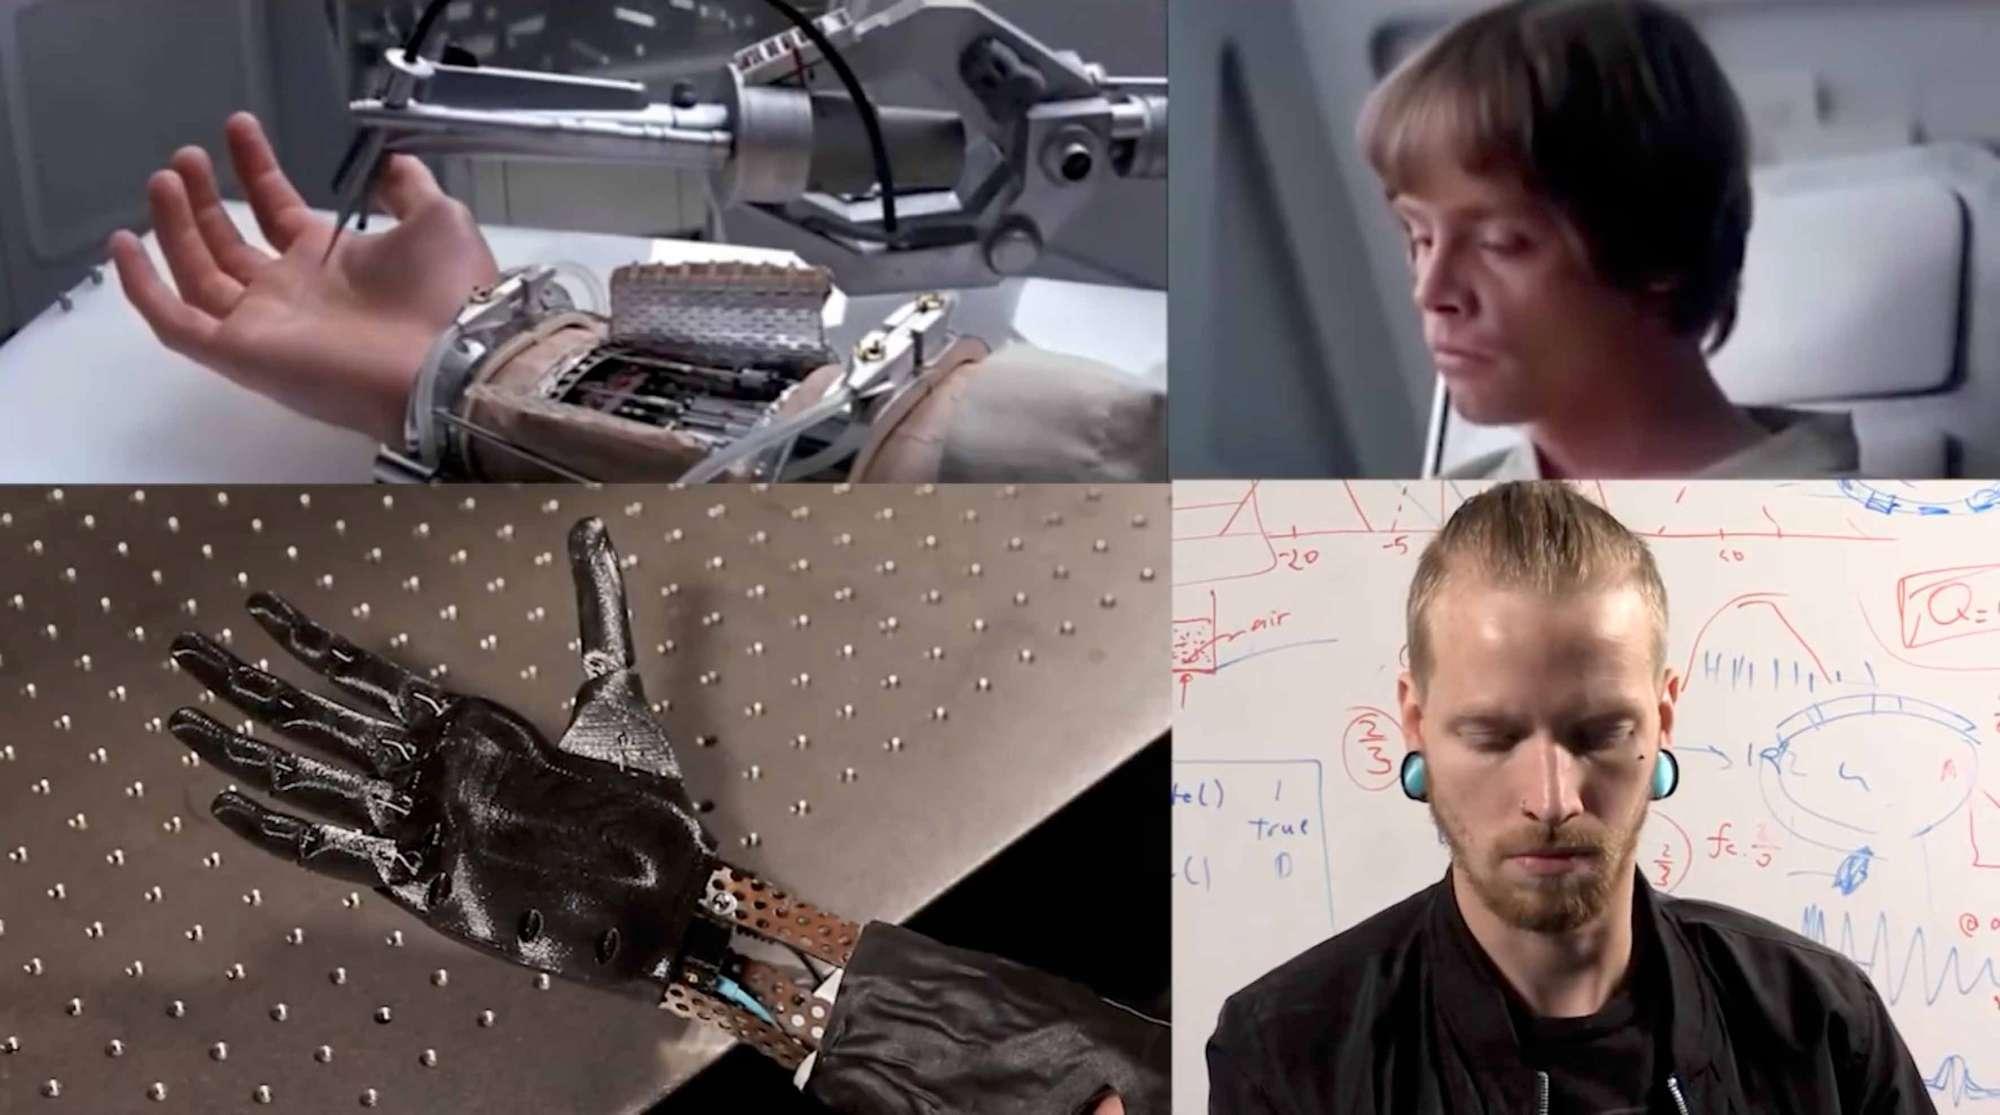 Usa, arriva la mano artificiale ispirata a Star Wars